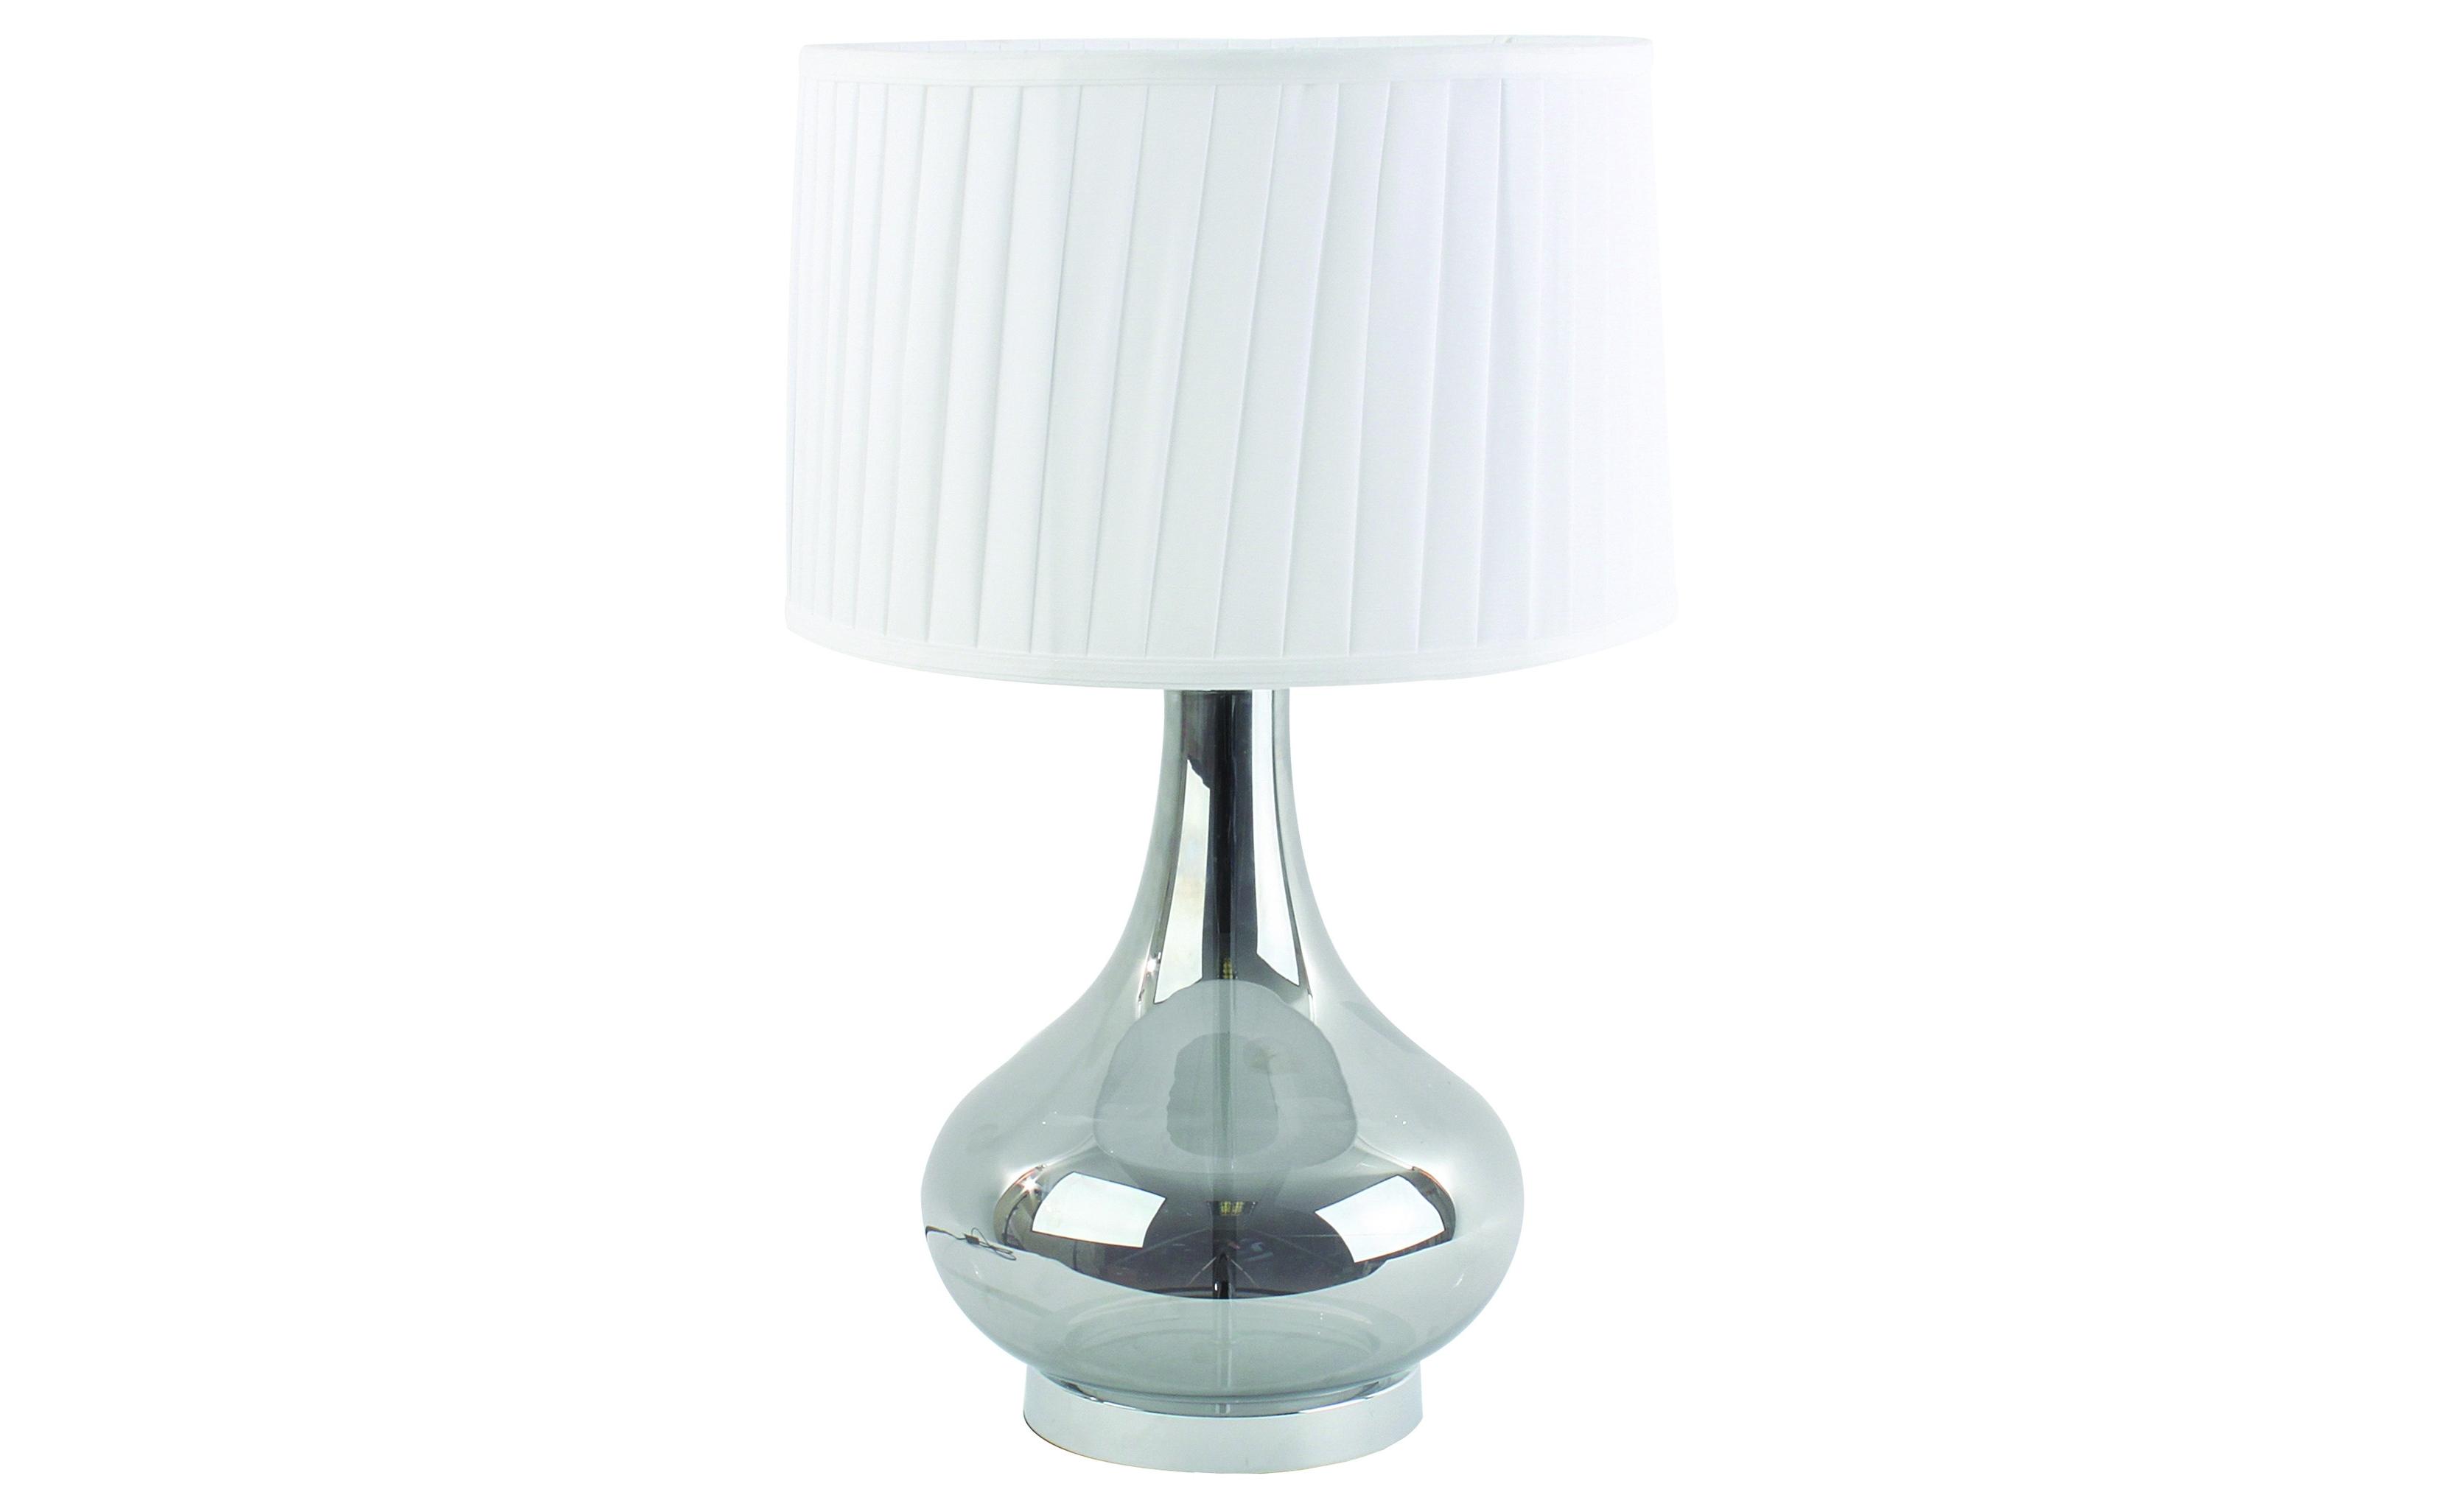 Лампа настольнаяДекоративные лампы<br>&amp;lt;div&amp;gt;Элегантная лампа белого цвета сочетает в себе сдержанность и умеренность в отделке. Текстильный абажур собран &amp;amp;nbsp;в идеально ровные складки, а металлическое основание добавляет образу особой эстетики. Эта лампа может претендовать на место на рабочем столе или разместиться на прикроватной тумбе в спальне.&amp;lt;/div&amp;gt;&amp;lt;div&amp;gt;&amp;lt;br&amp;gt;&amp;lt;/div&amp;gt;Лампа настольная,1 лампа, цоколь Е27, мощность 60W <br>материал: металл, лен, полиэстер <br>цвет: серебрянный<br><br>Material: Текстиль<br>Width см: 33<br>Height см: 53